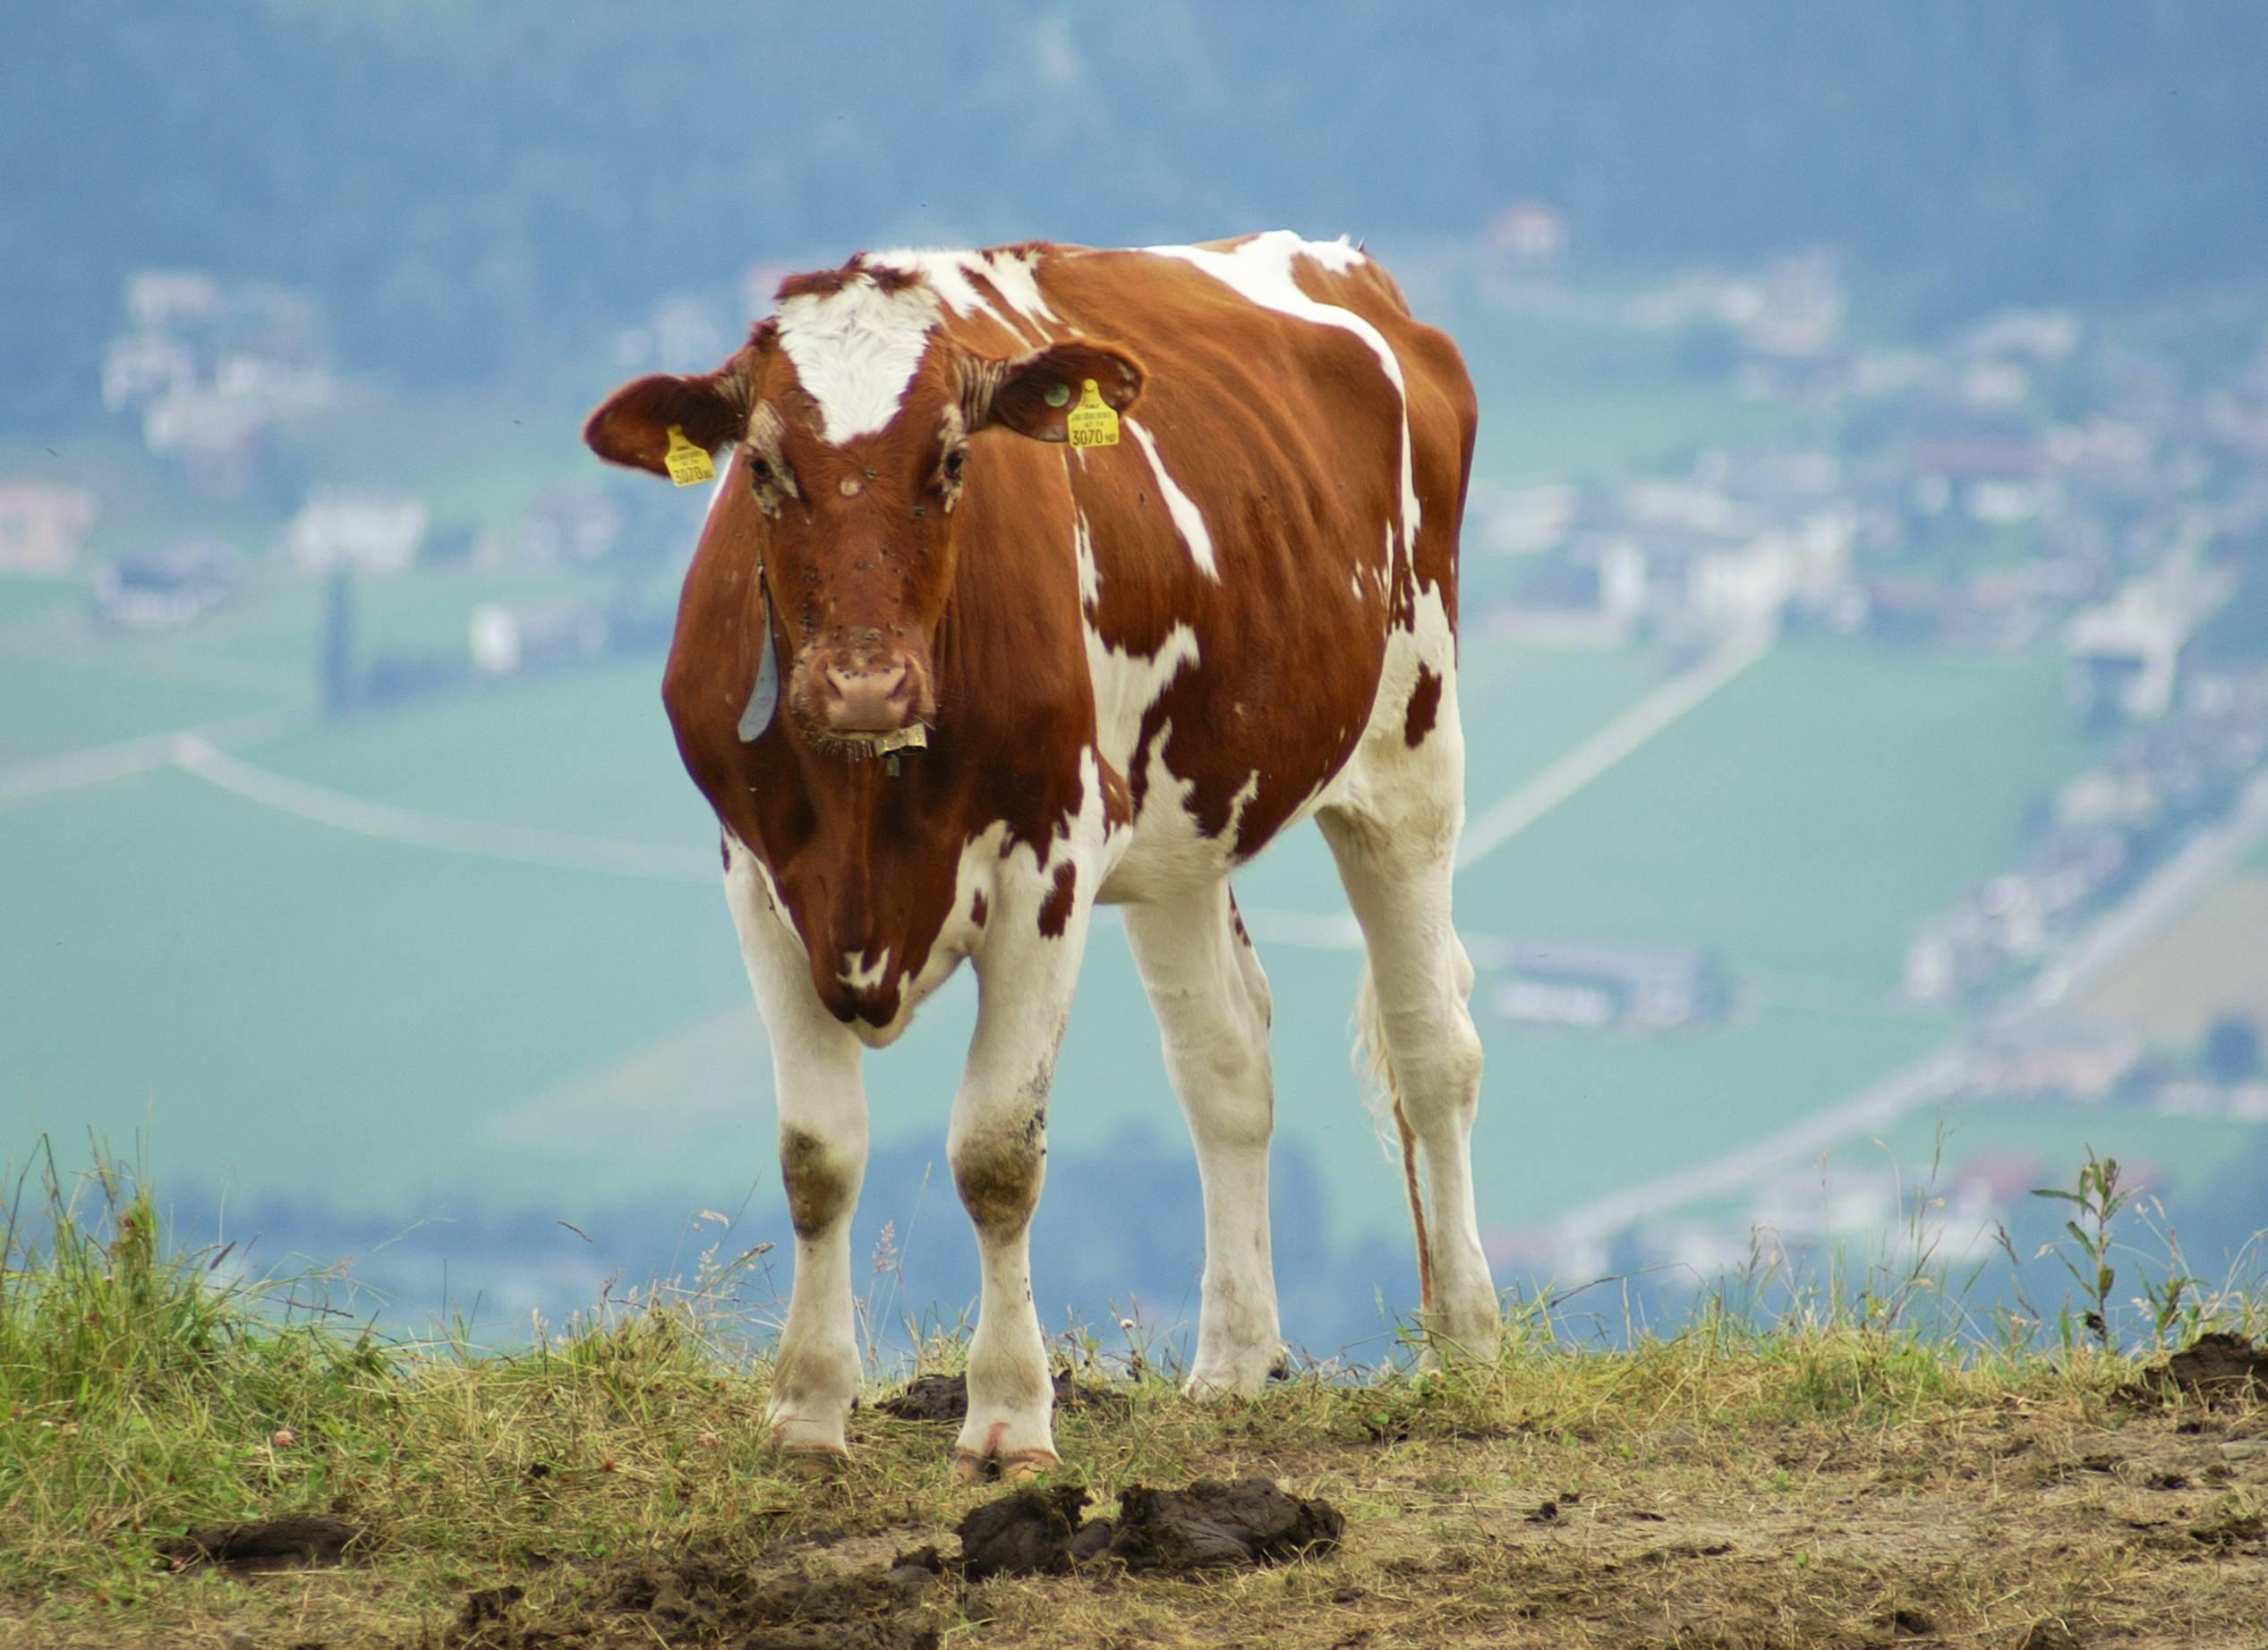 Айрширская корова – жемчужина молочного направления